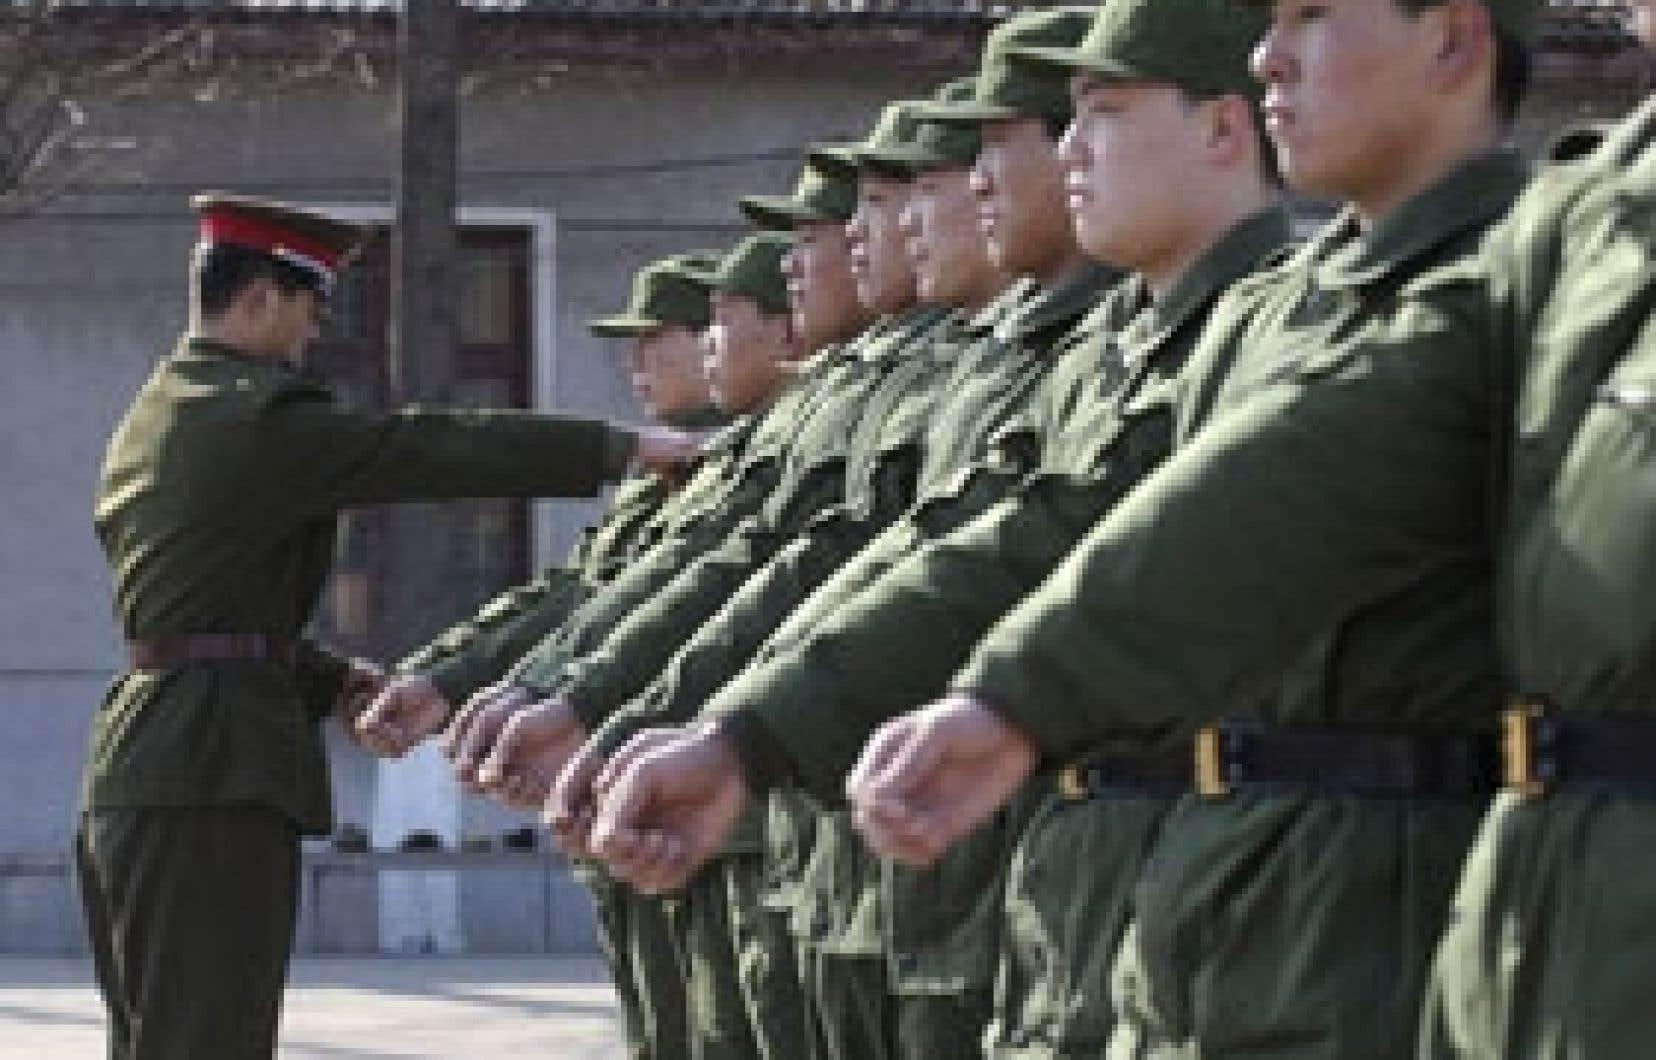 Les recrues de l'armée chinoise à l'entraînement, la semaine dernière. Sur le front politique, plusieurs milliers de personnes ont signé récemment la «Charte 08», qui appelle à la fin du monopole du parti unique en Chine. Le régime a réagi